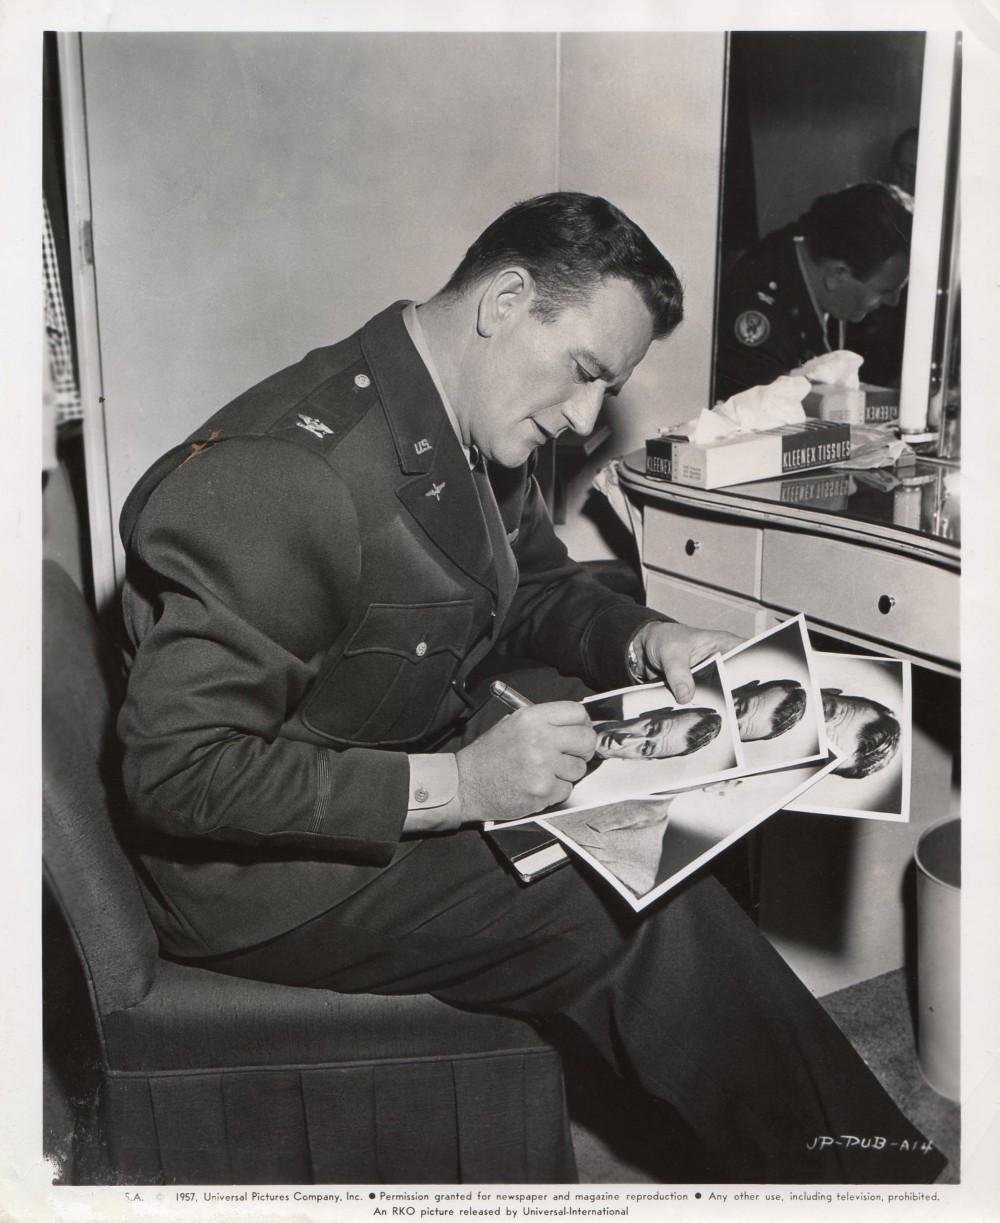 Les espions s'amusent - Jet pilot - 1957 - Page 3 Duke9413